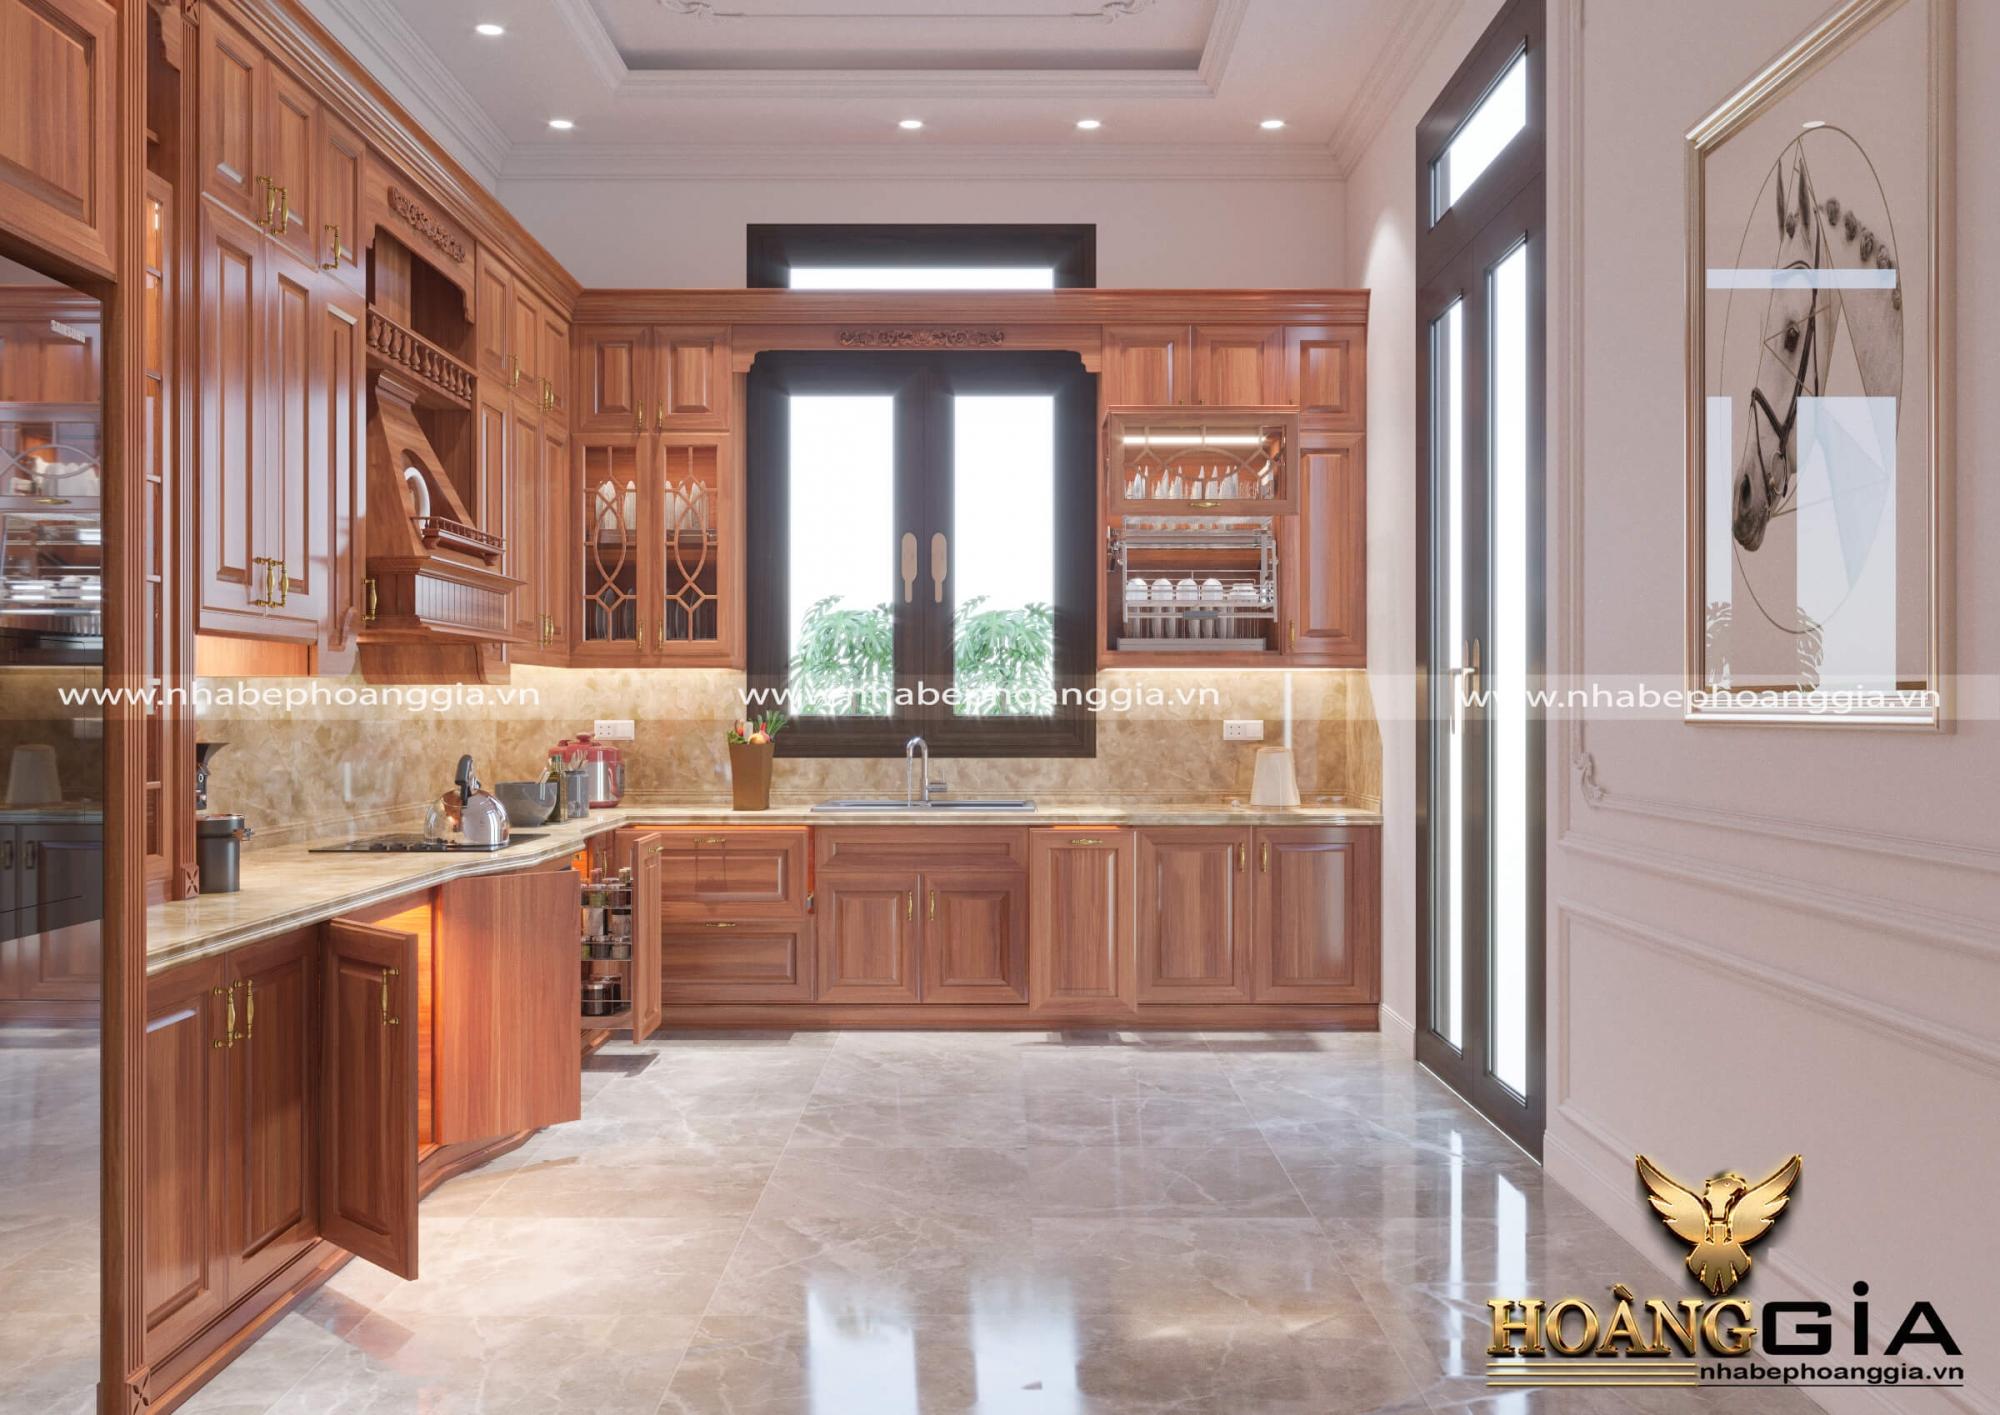 dự án thiết kế tủ bếp n hà chú Ngân Tây Nguyên